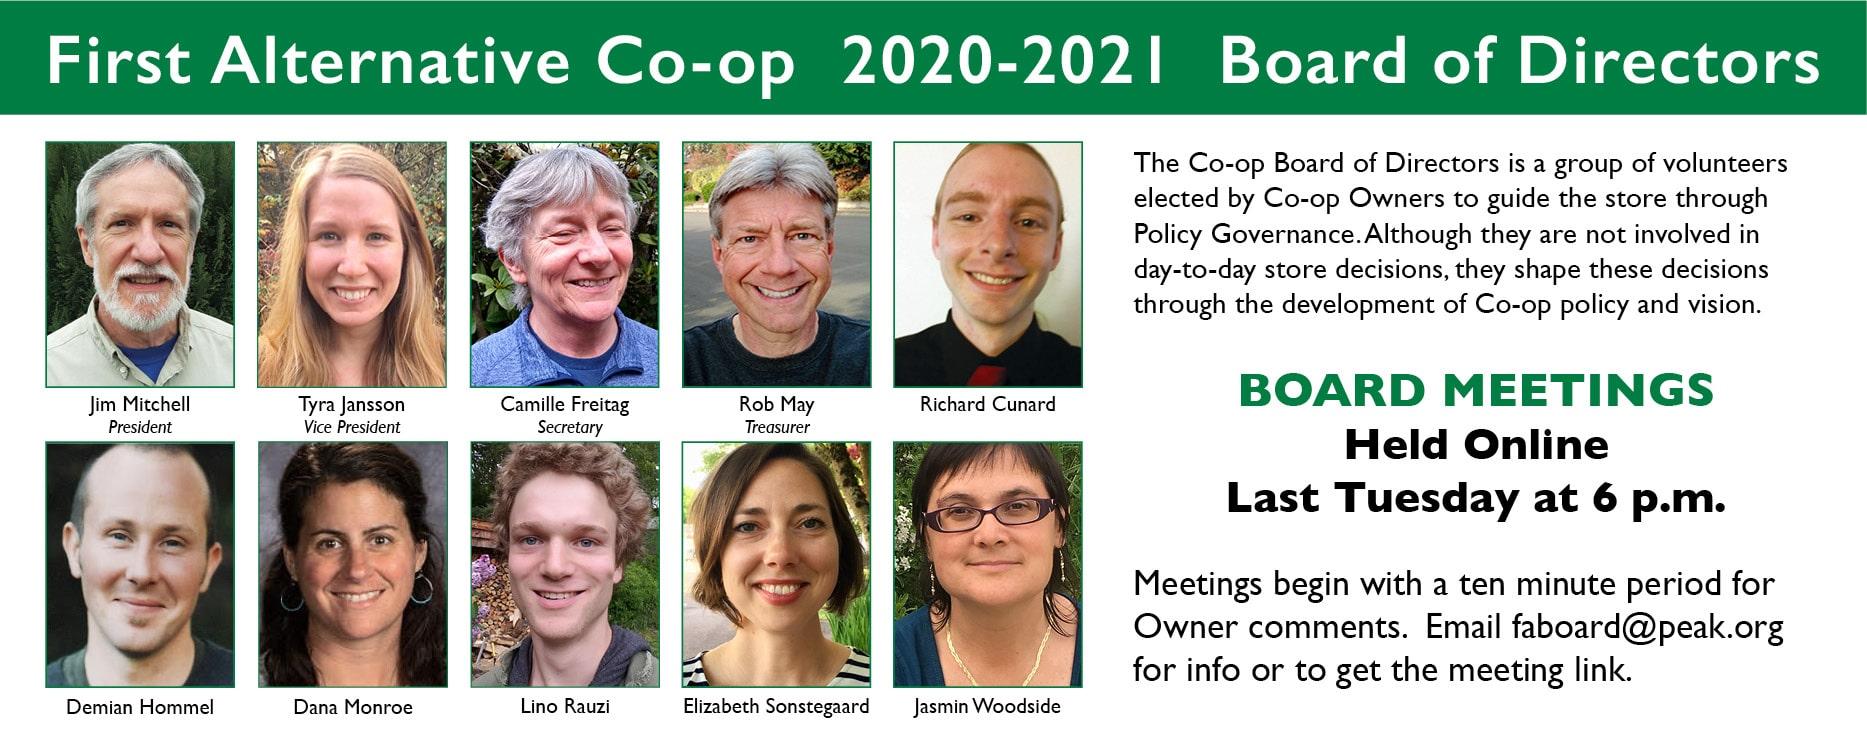 2020-2021 Co-op Board